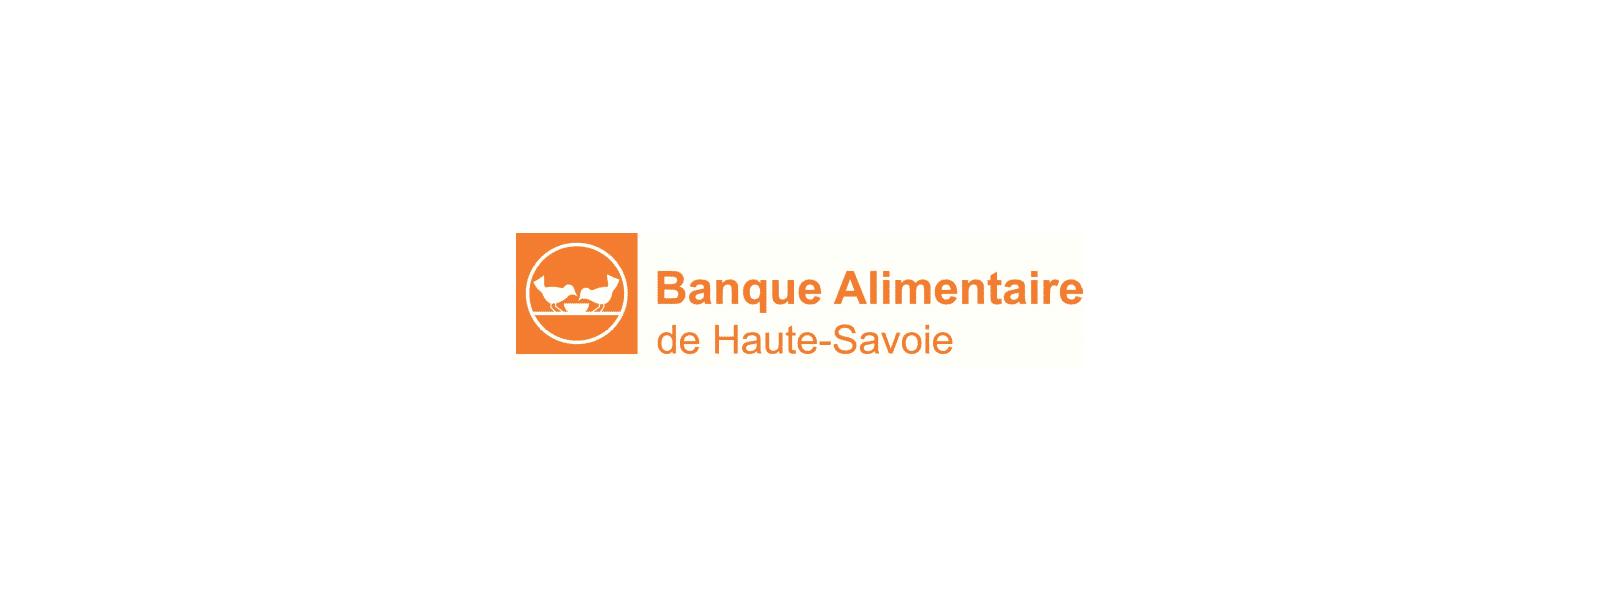 Logo de la Banque Alimentaire de Haute-Savoie